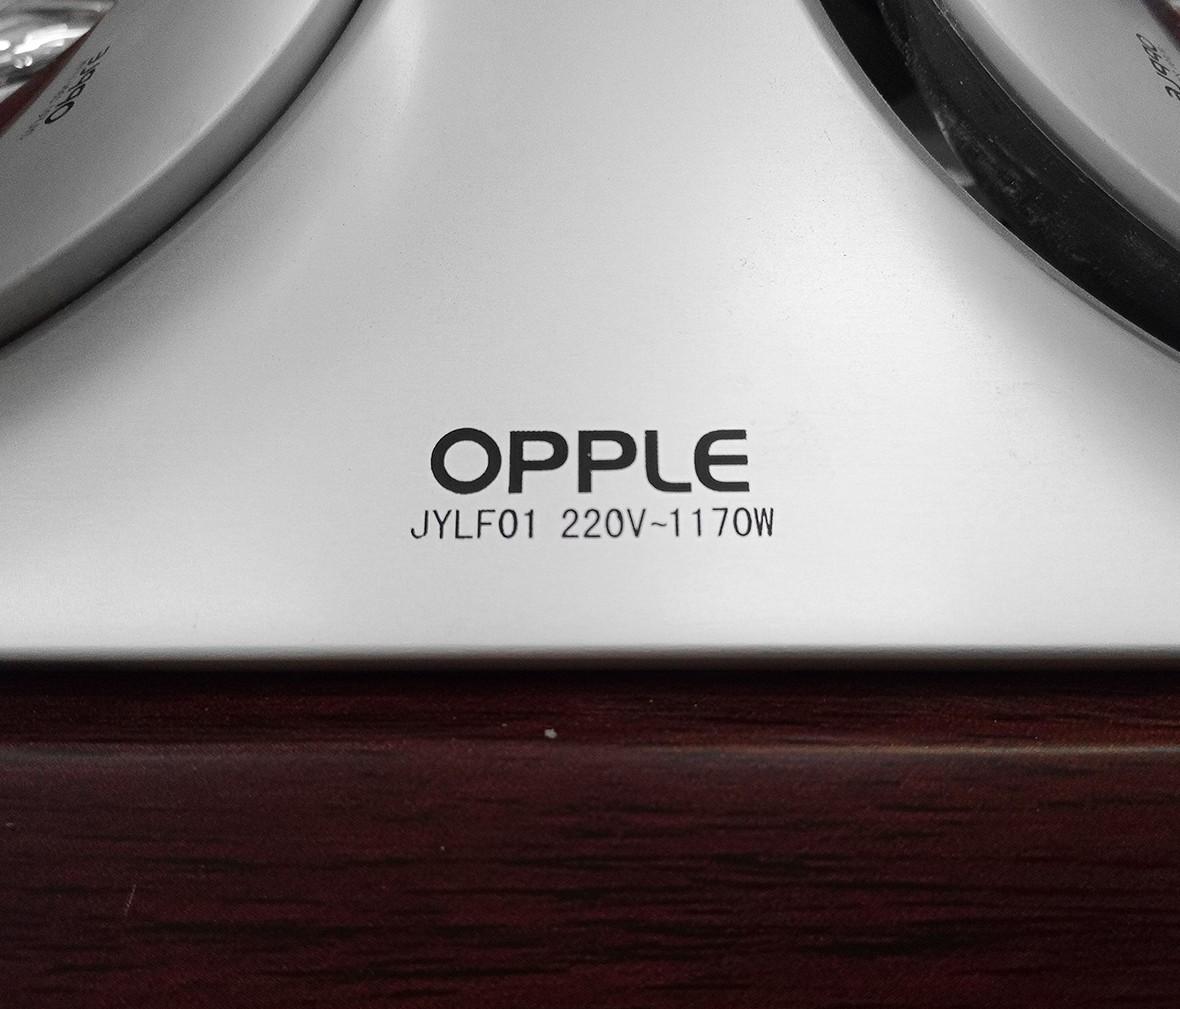 欧普吊顶 F01型号铝镁合金材质浴霸 灯暖 300*300mm 商品细节